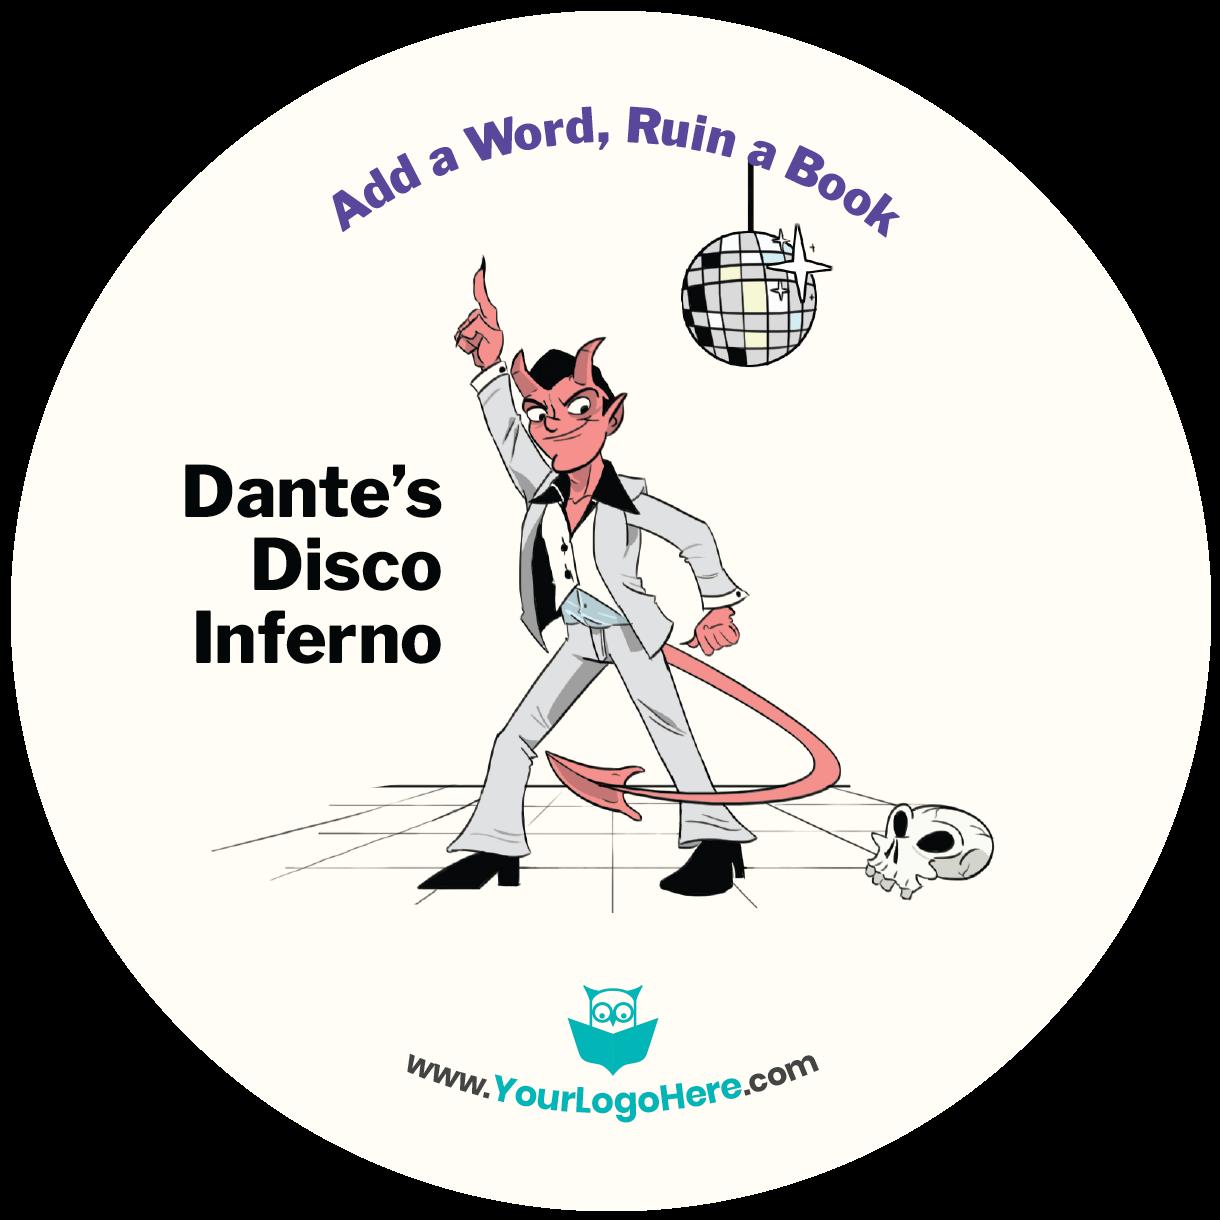 Dante's Disco Inferno